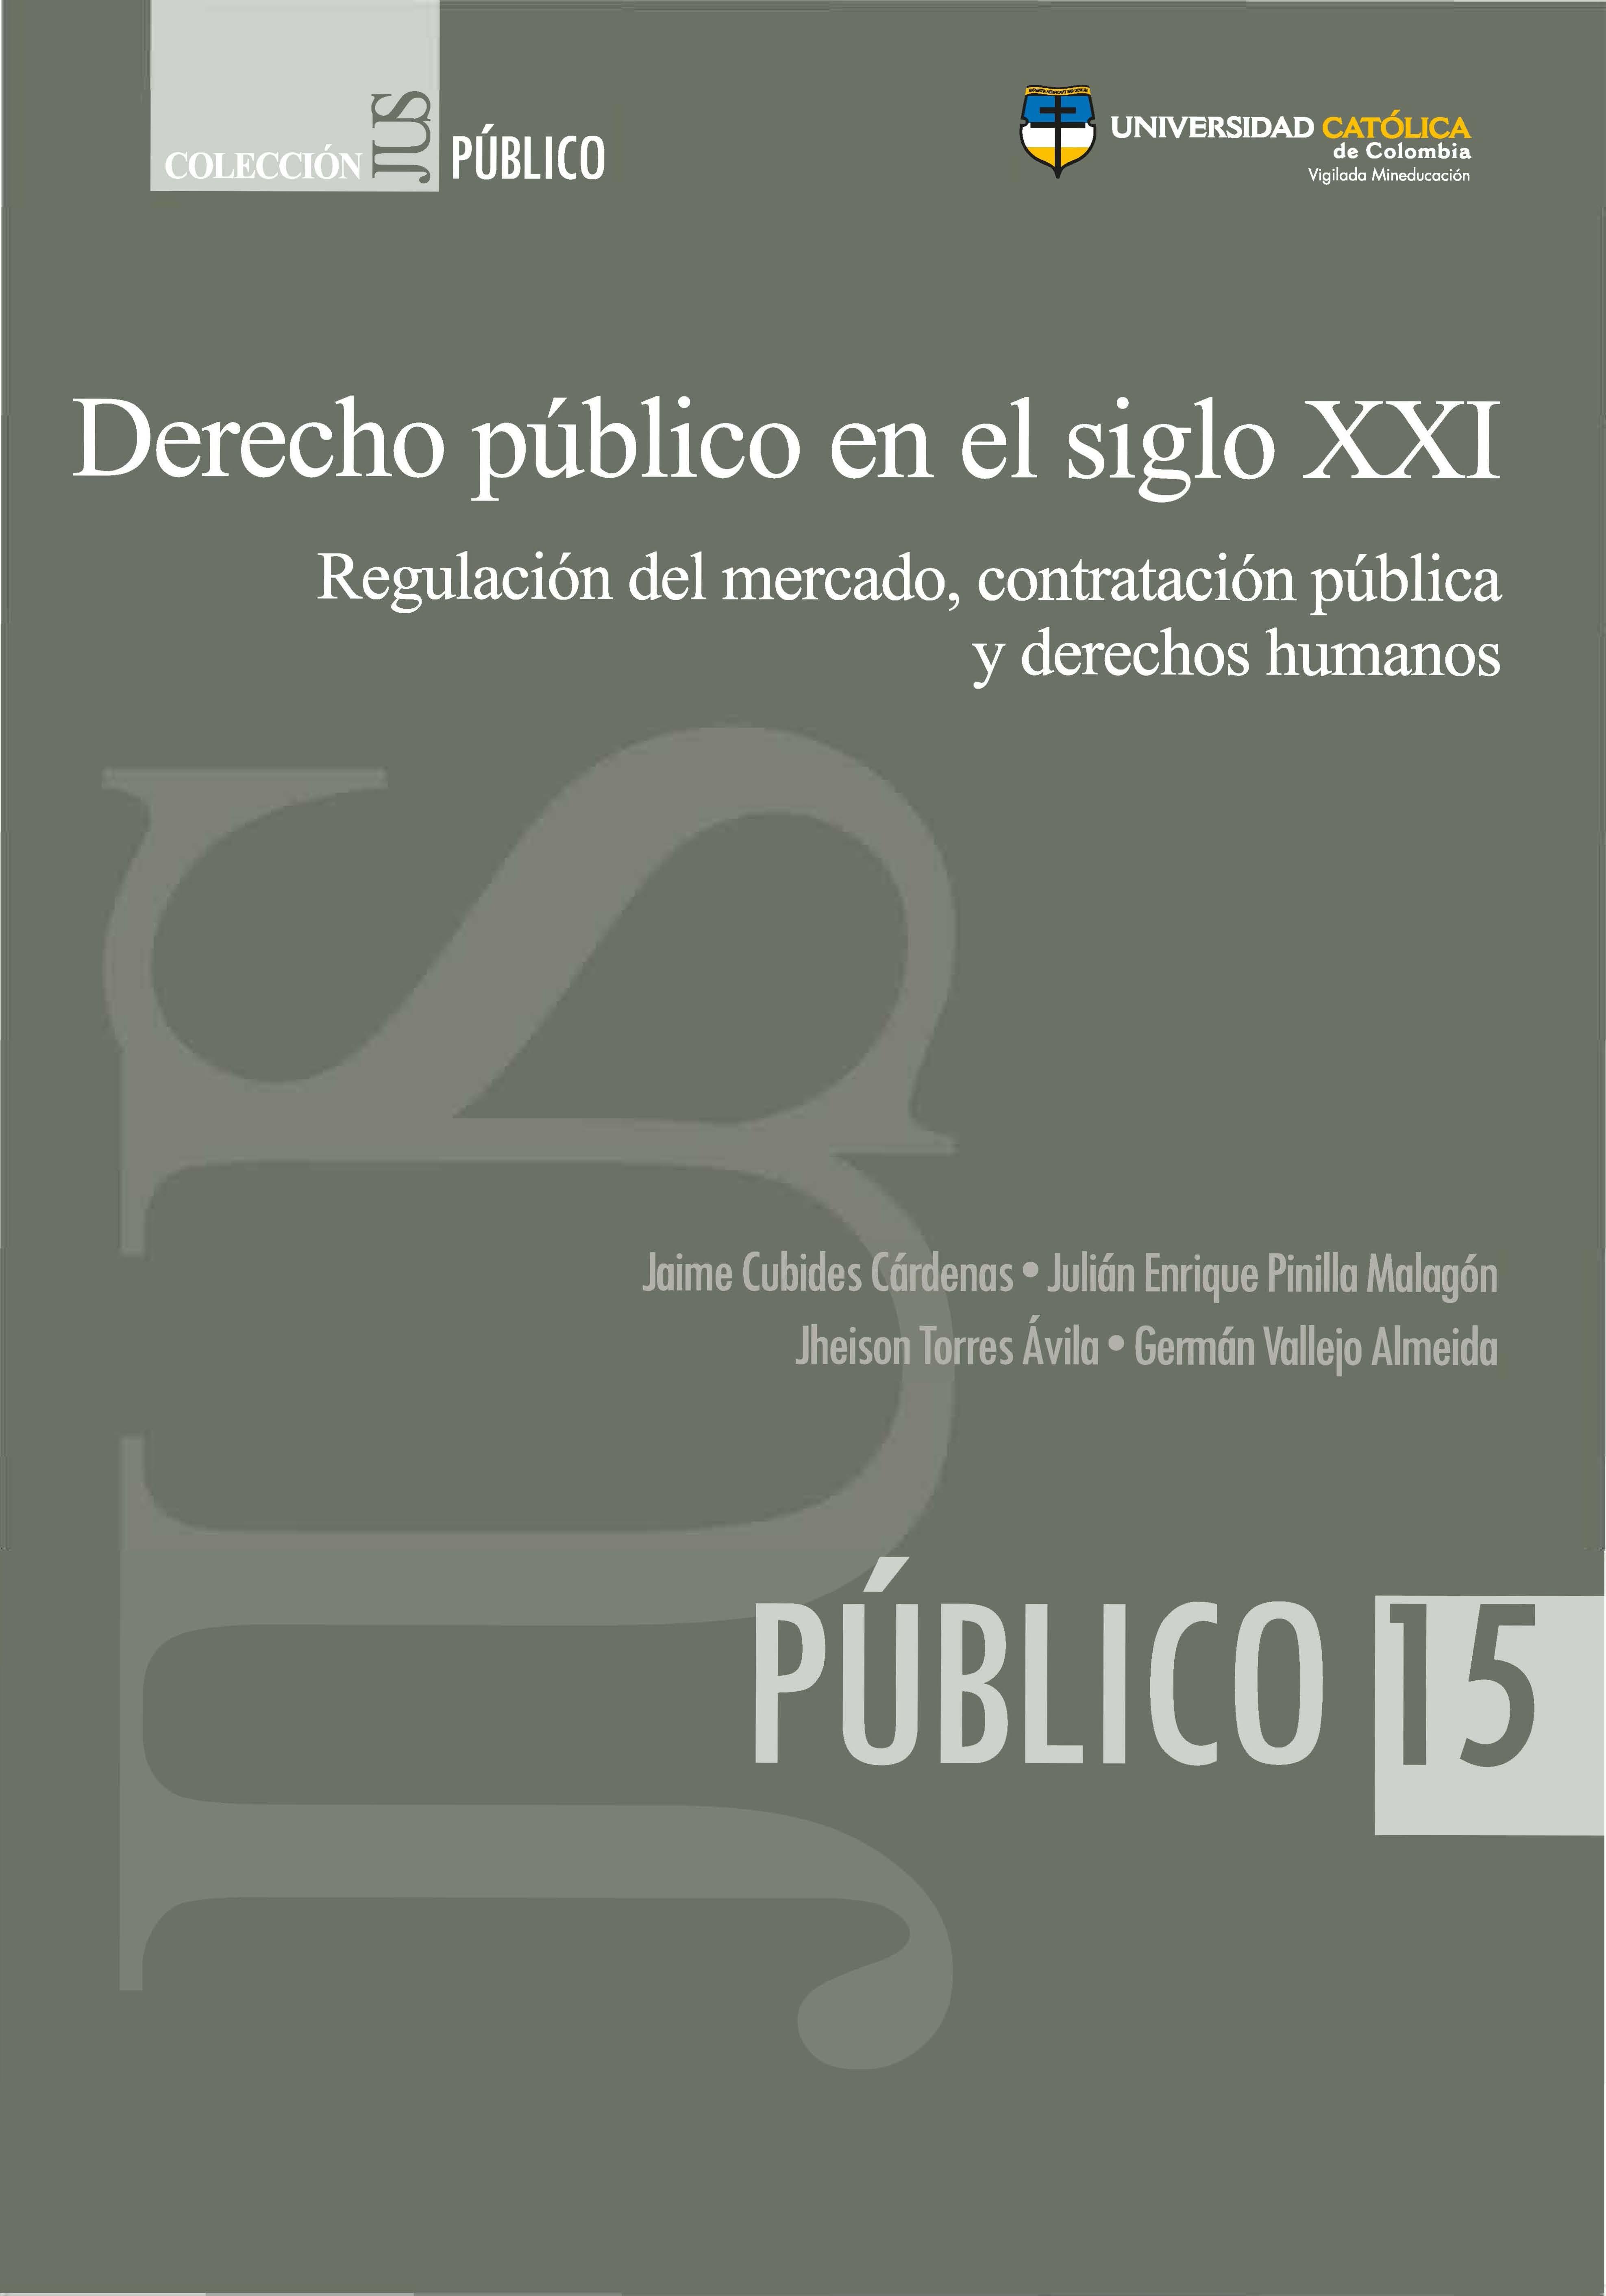 Derecho público en el siglo XXI. Regulación del mercado, contratación pública y derechos humanos